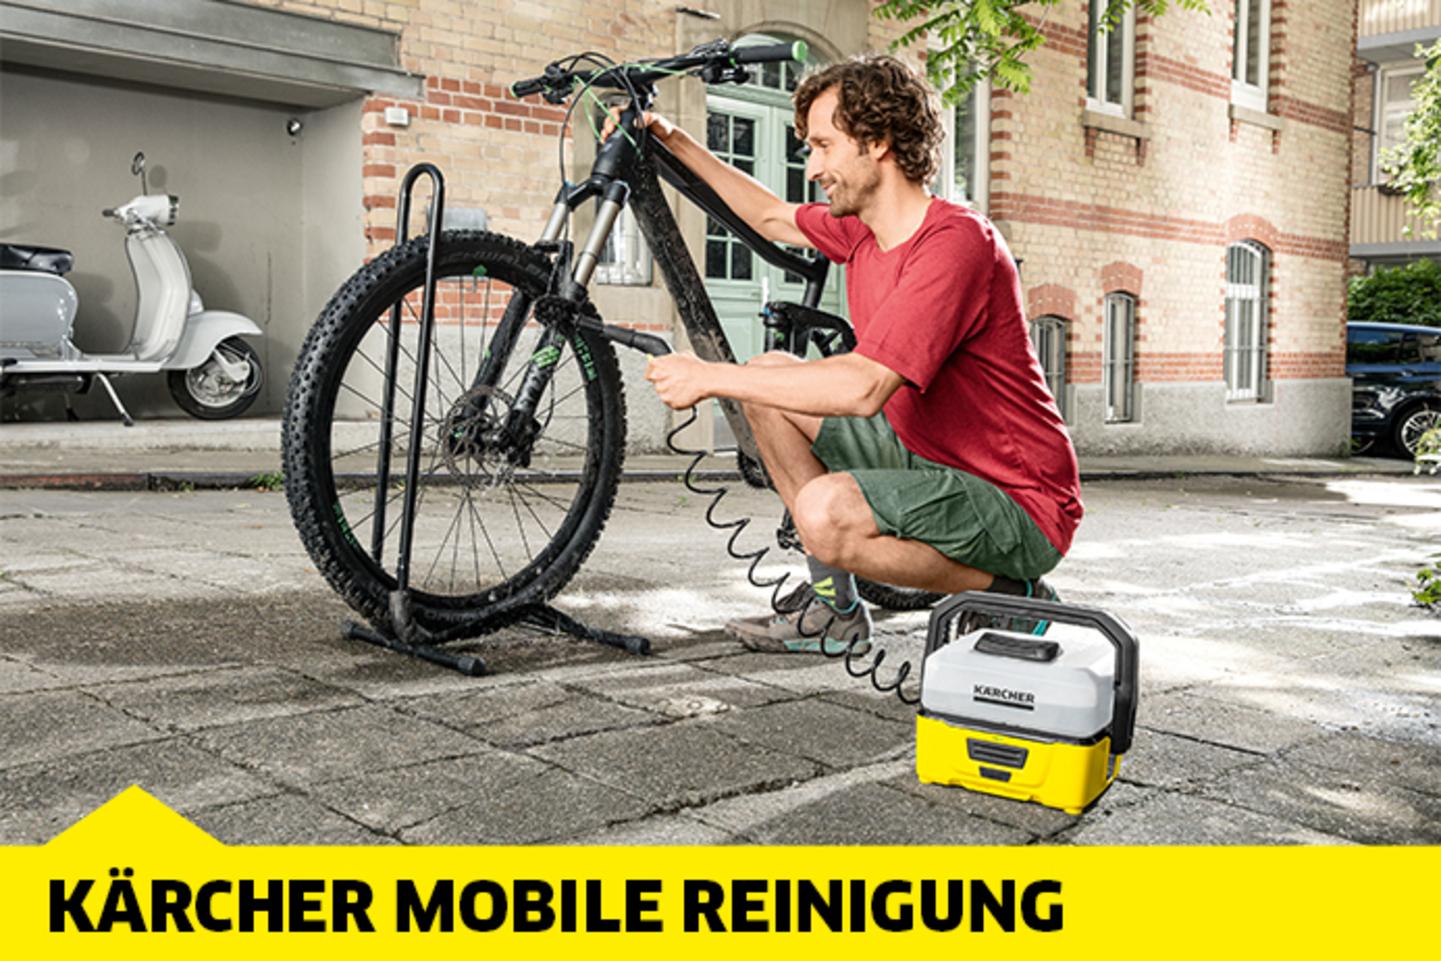 Kärcher mobile Reinigung